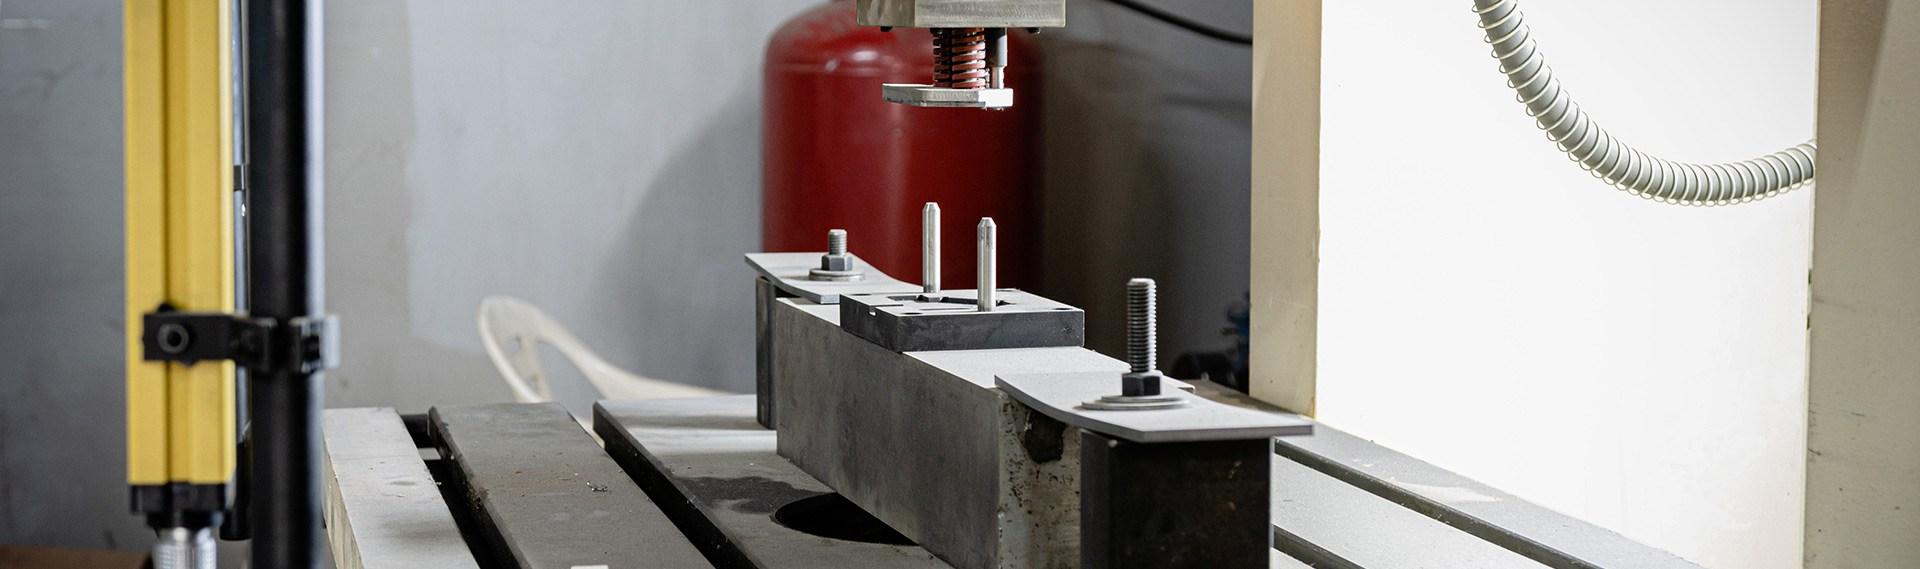 ¿Qué es el Troquelado en Metales?